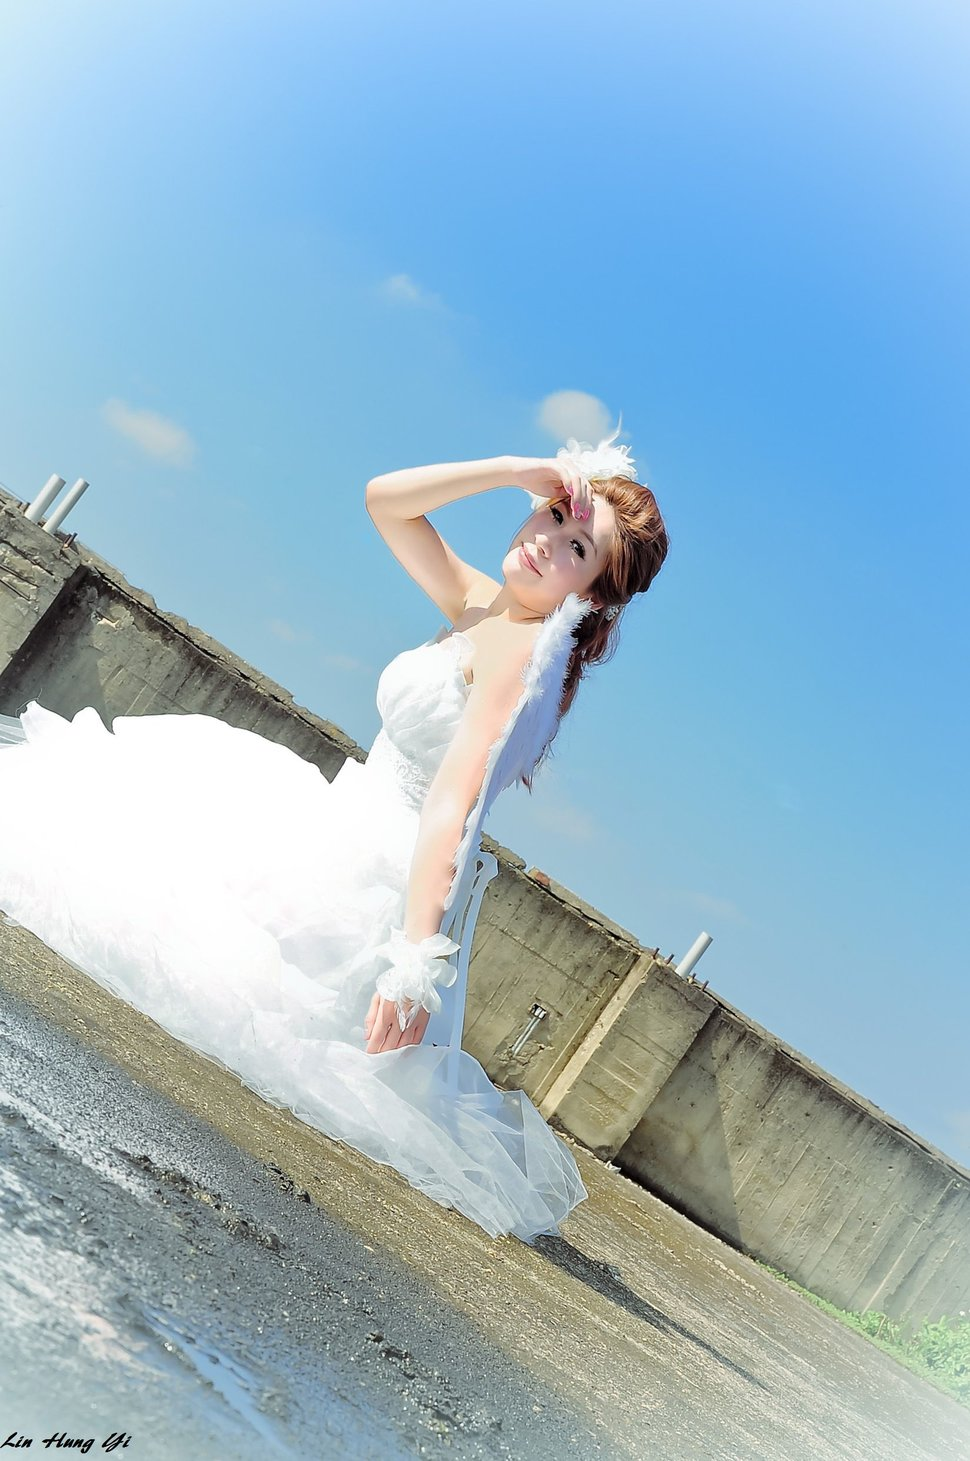 dsc_0808-1_37697506254_o - 小林哥Hung YI攝影工作室《結婚吧》